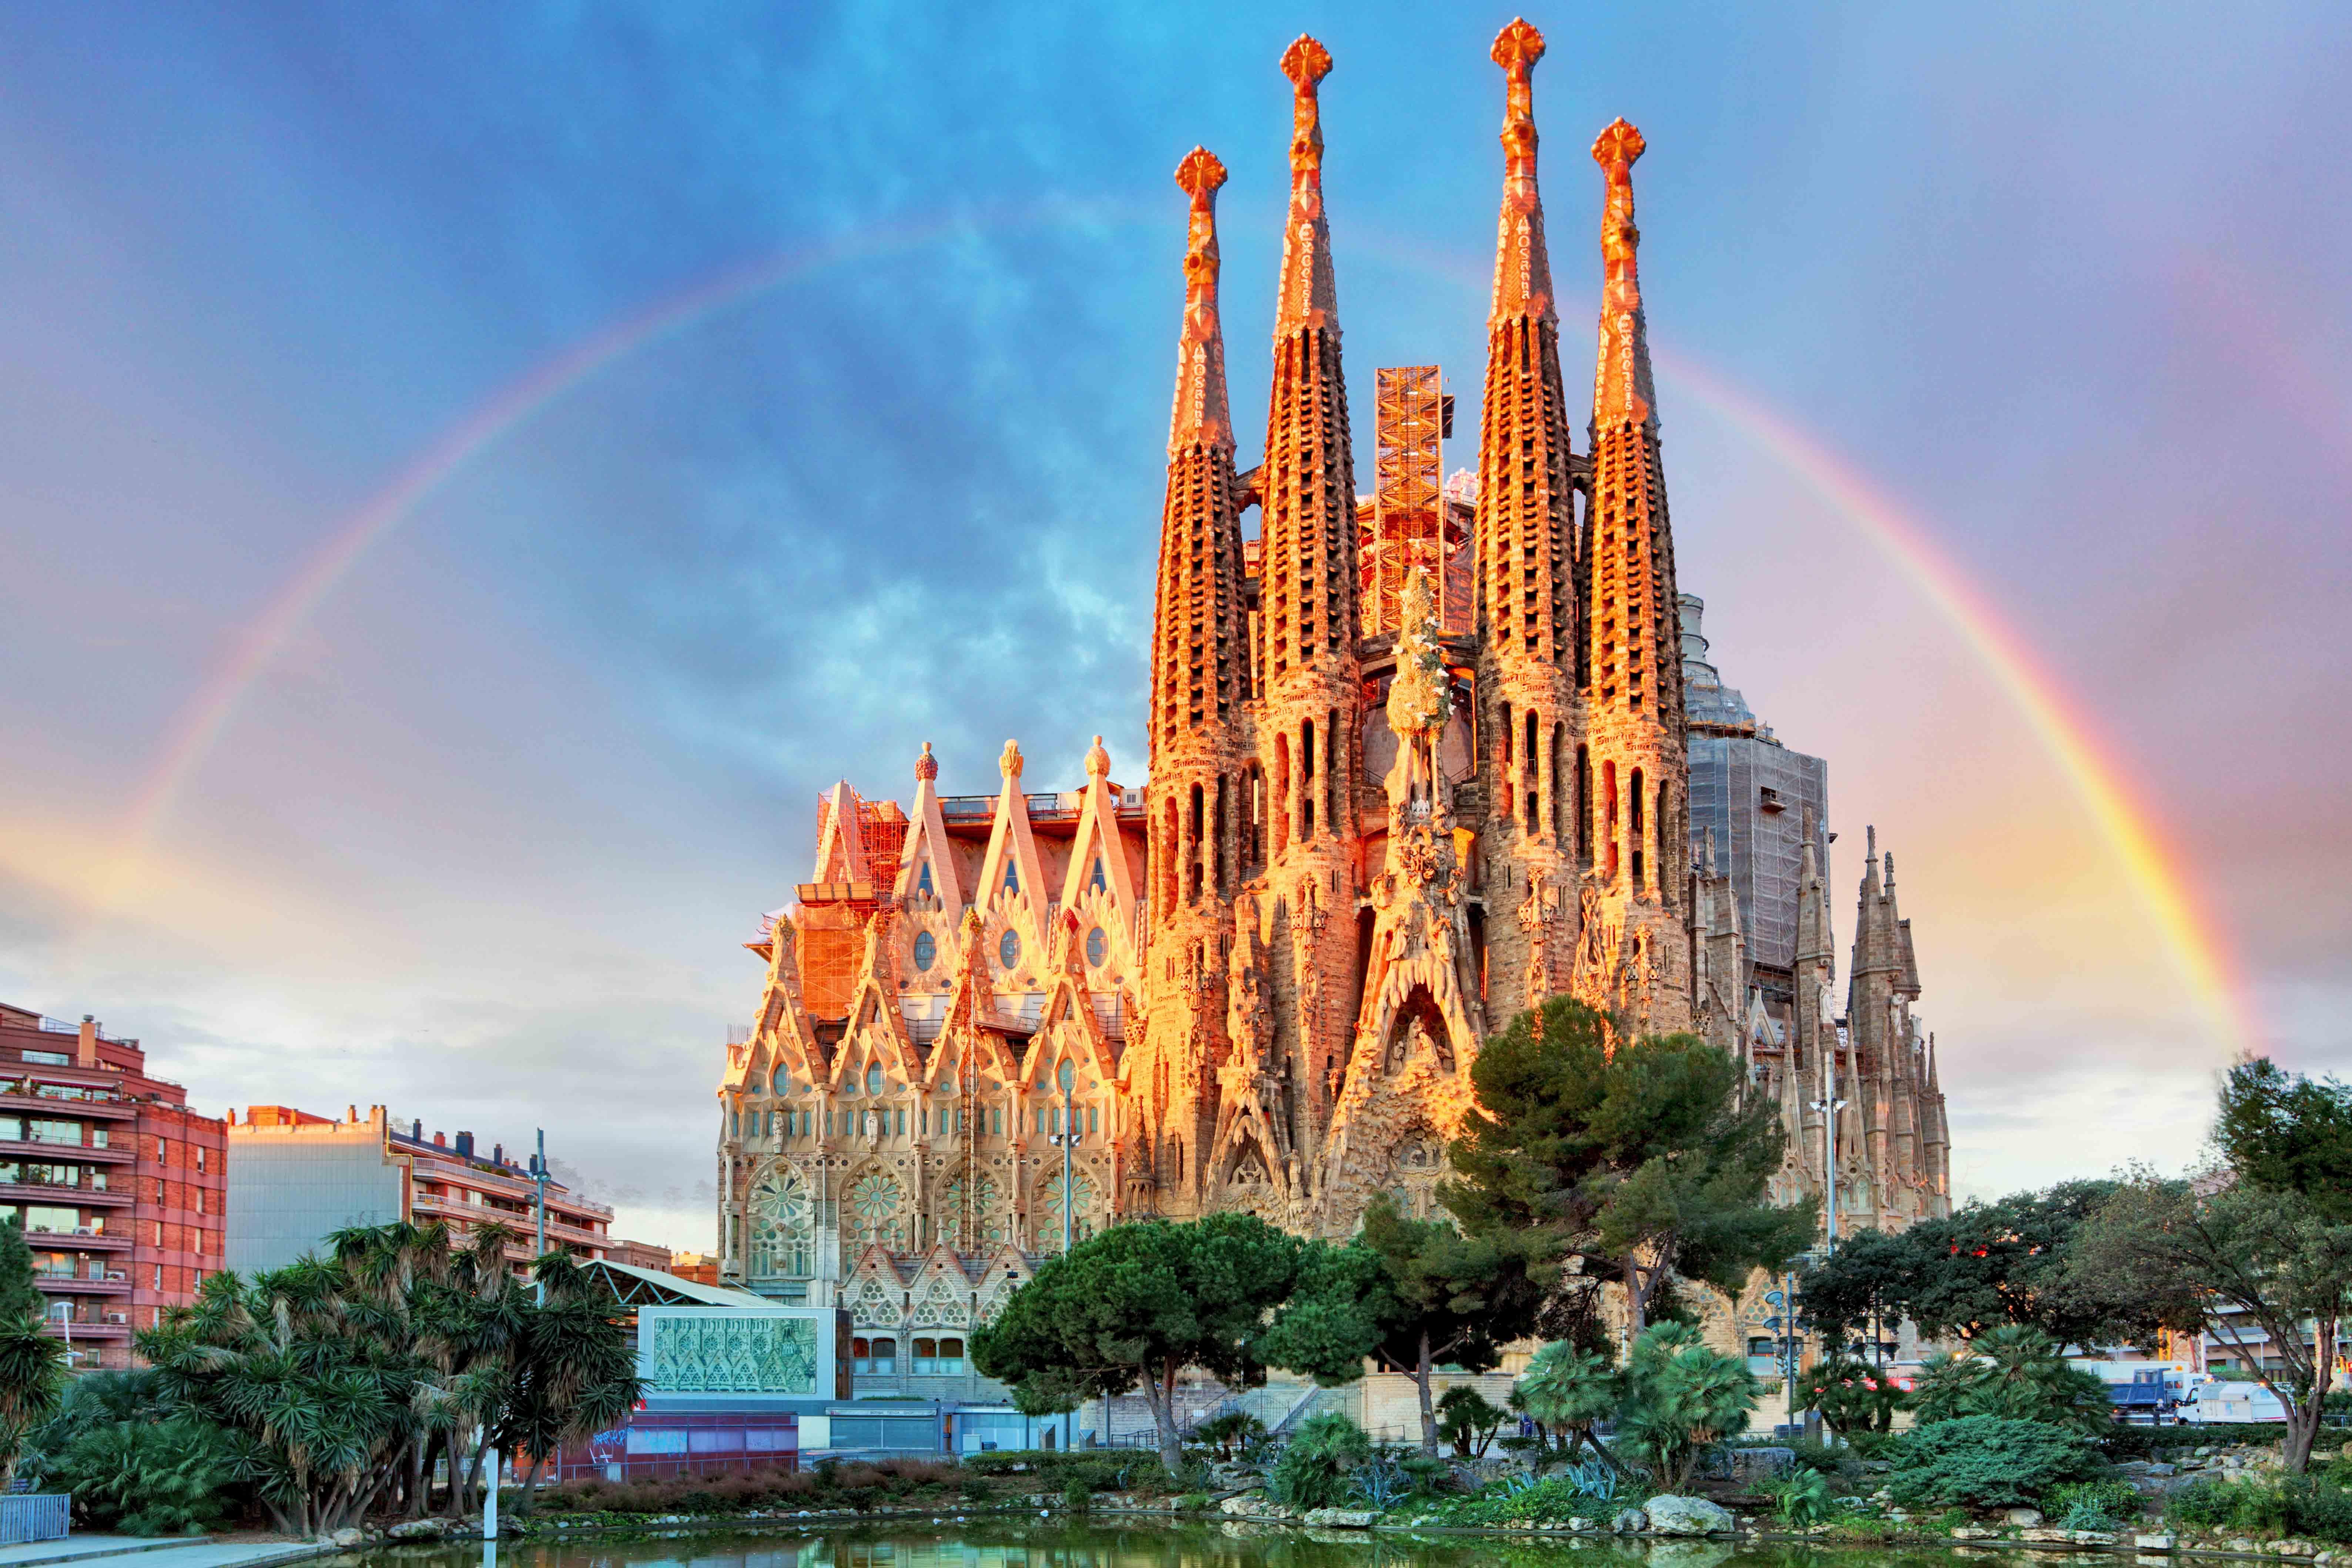 اسپانیا-دیدنی های تور اسپانیا